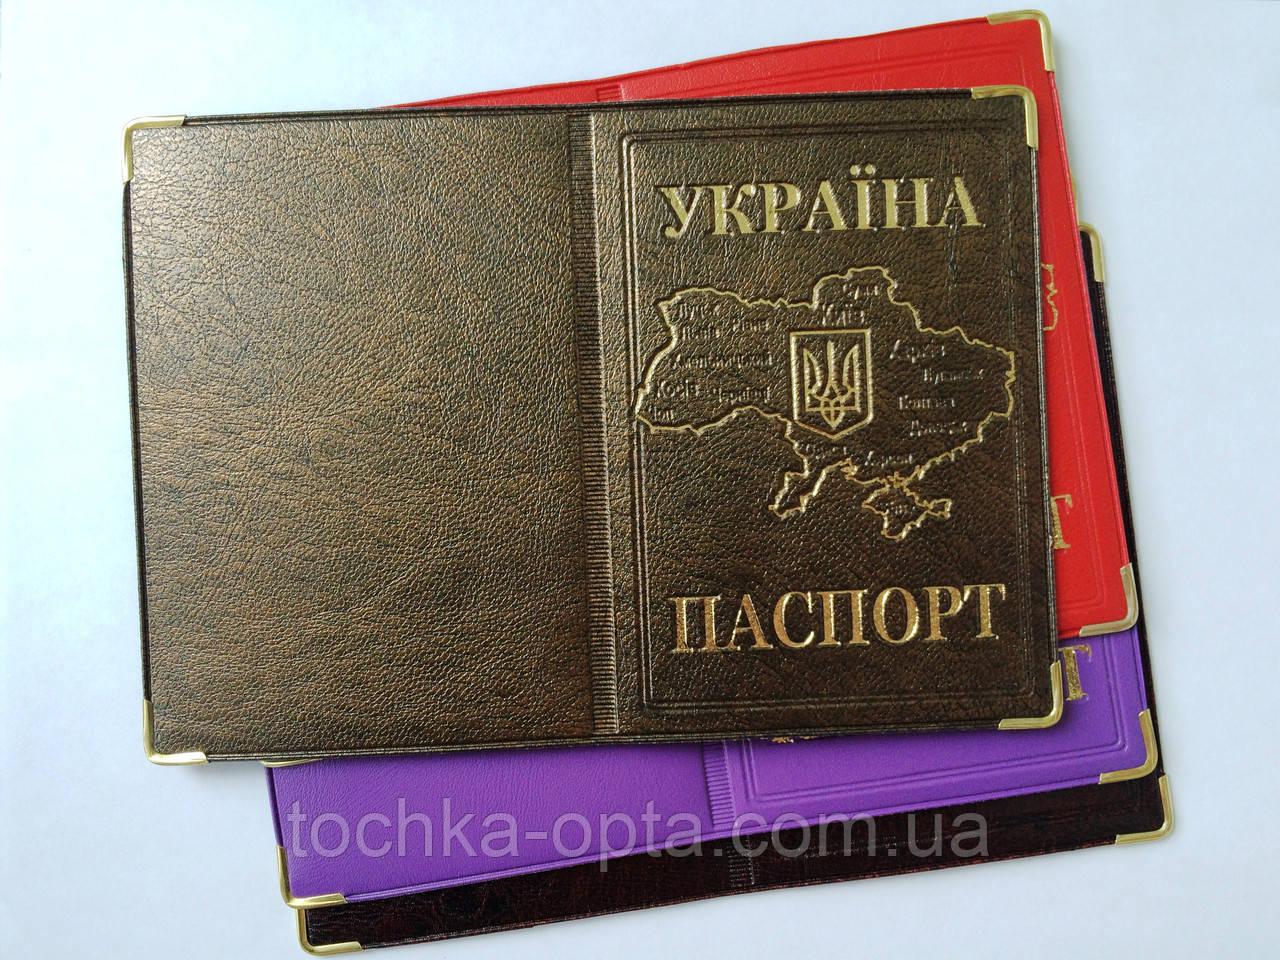 Обложка на паспорт оптом